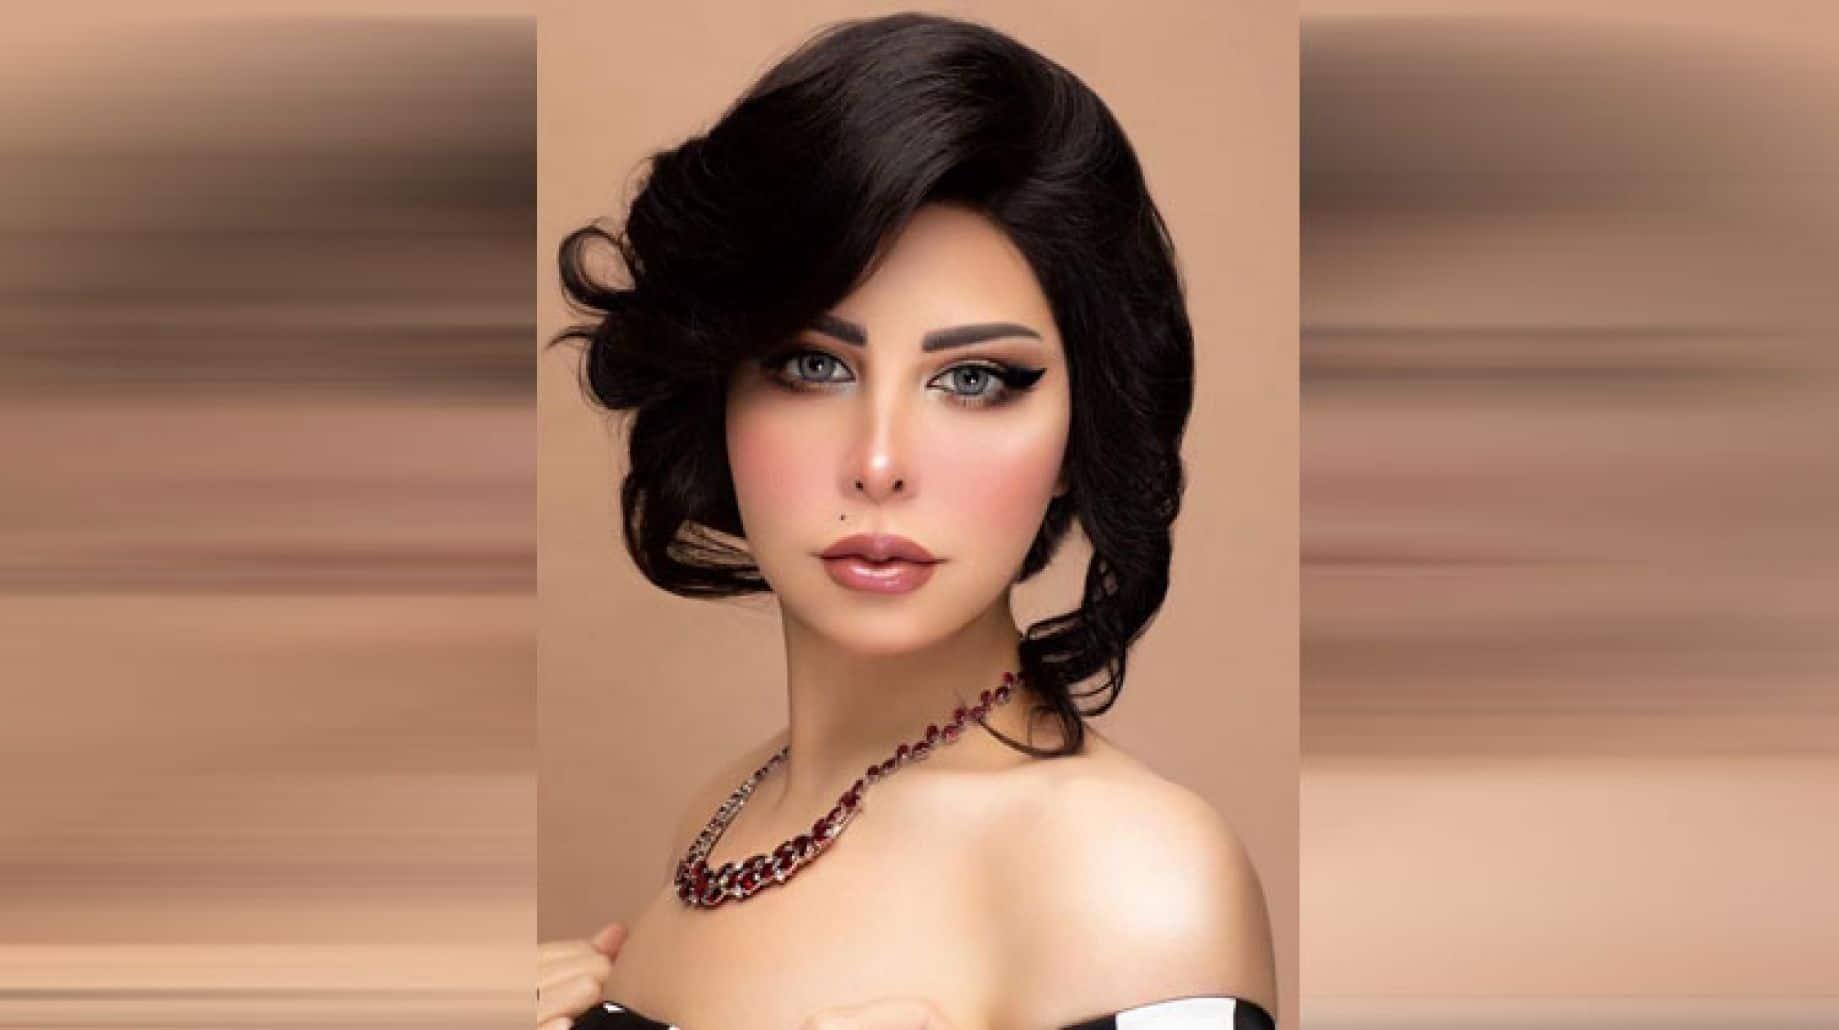 شمس الكويتية تهاجم المجتمعات العربية